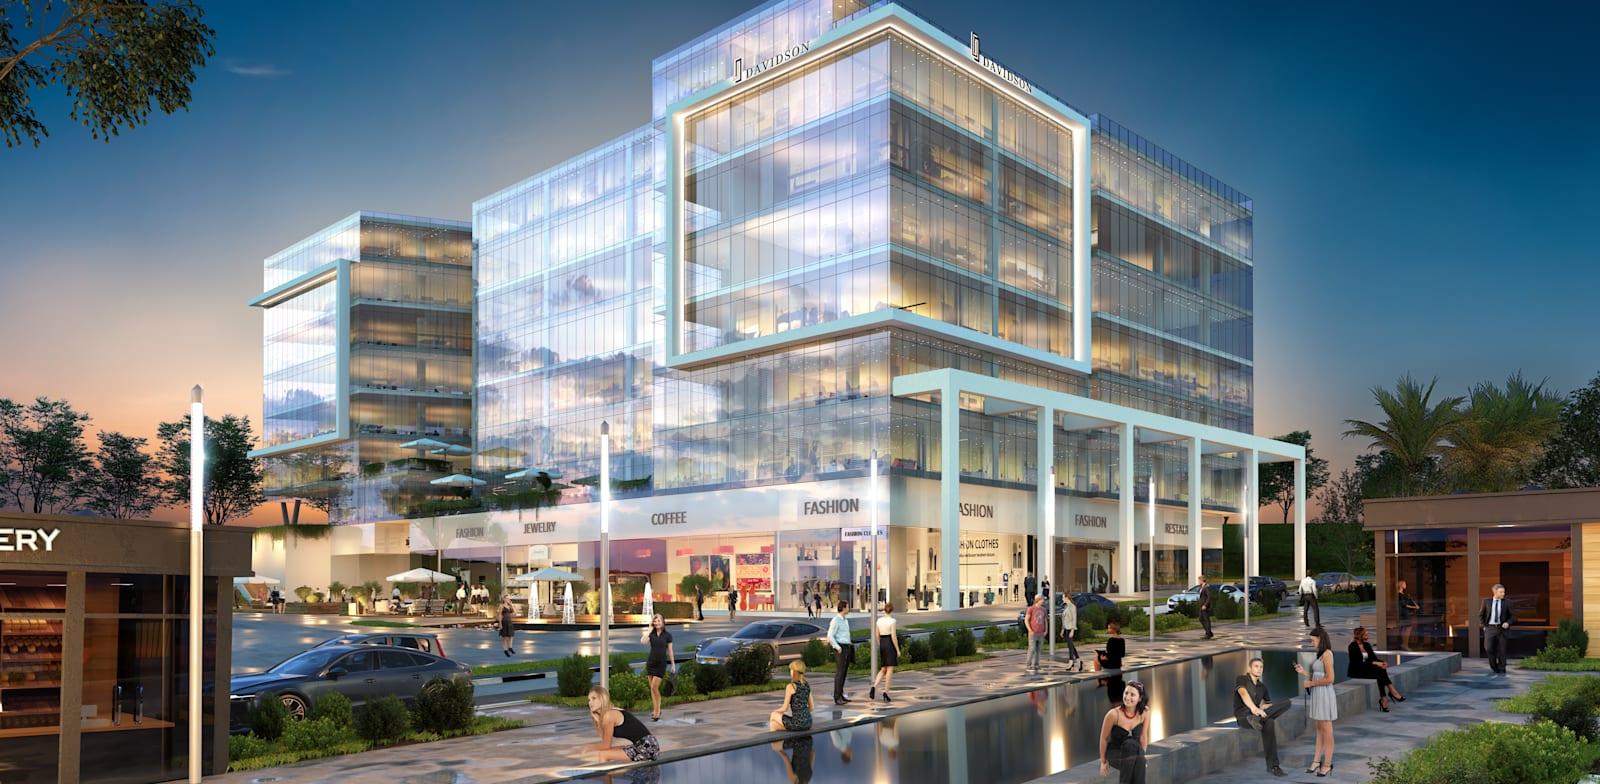 """פרויקט """"דוידסון בשדרה"""" במודיעין. חללי משרדים בגדלים שונים, באזור בעל אופי עירוני שוקק / הדמיה: Viewpoint"""